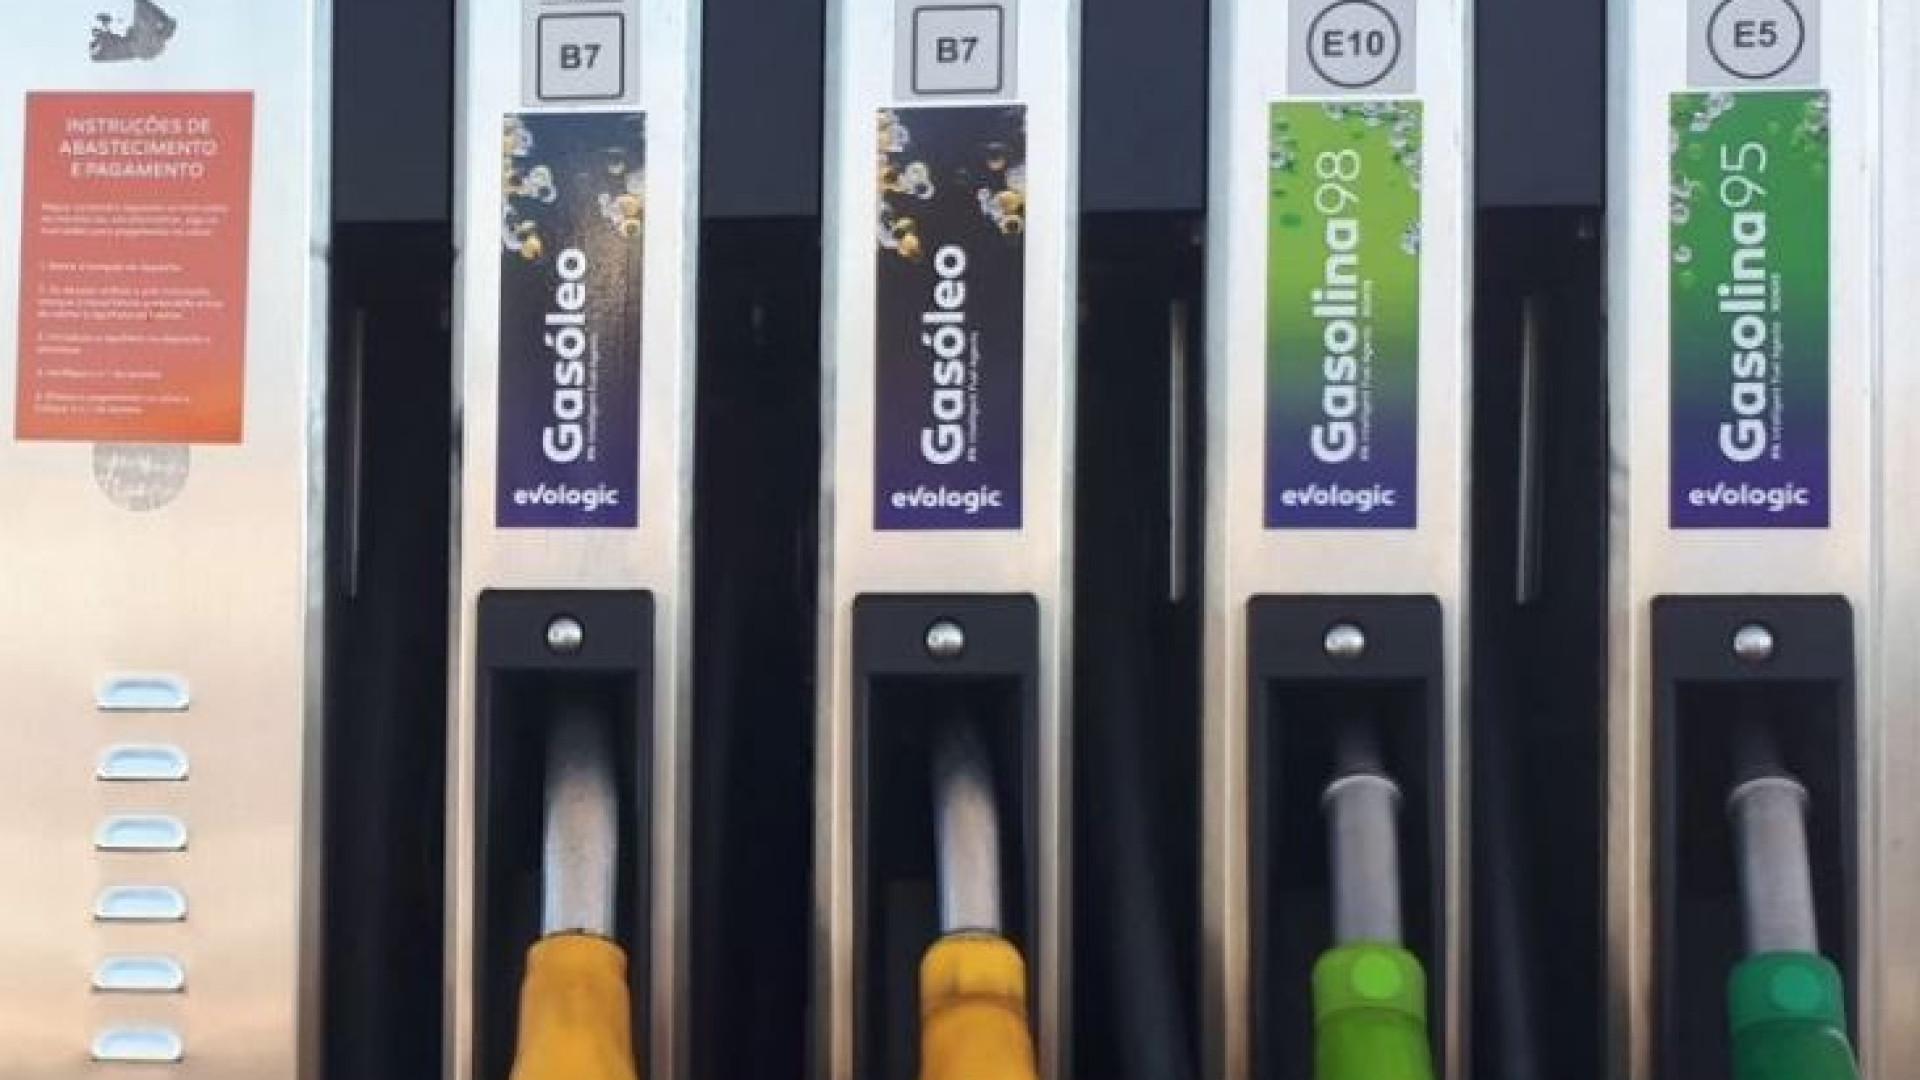 Combustíveis mais baratos: Onde custam menos e quanto descerá o imposto